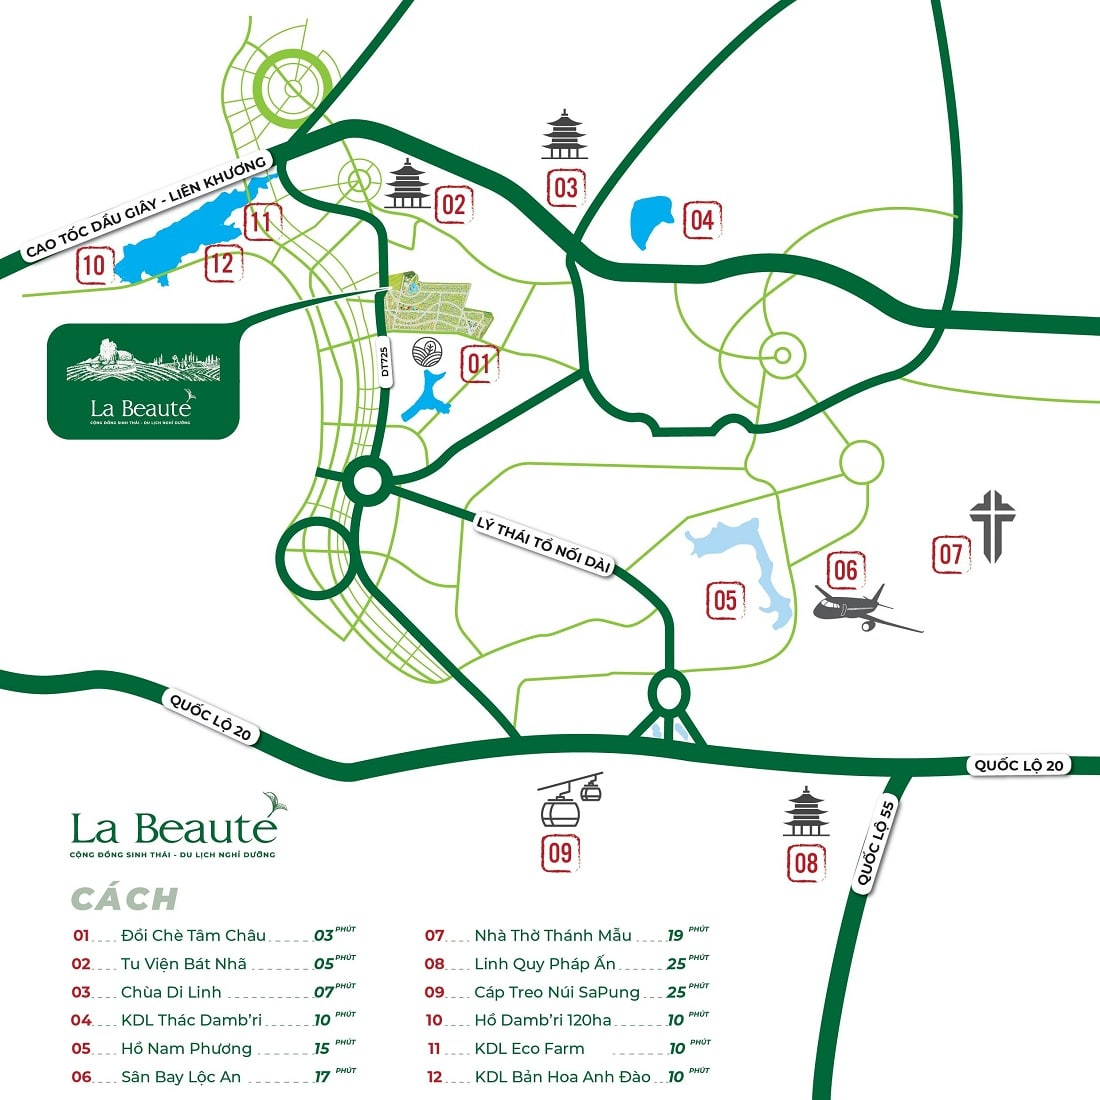 Tiện ích ngoại khu dự án La BEAUTE'